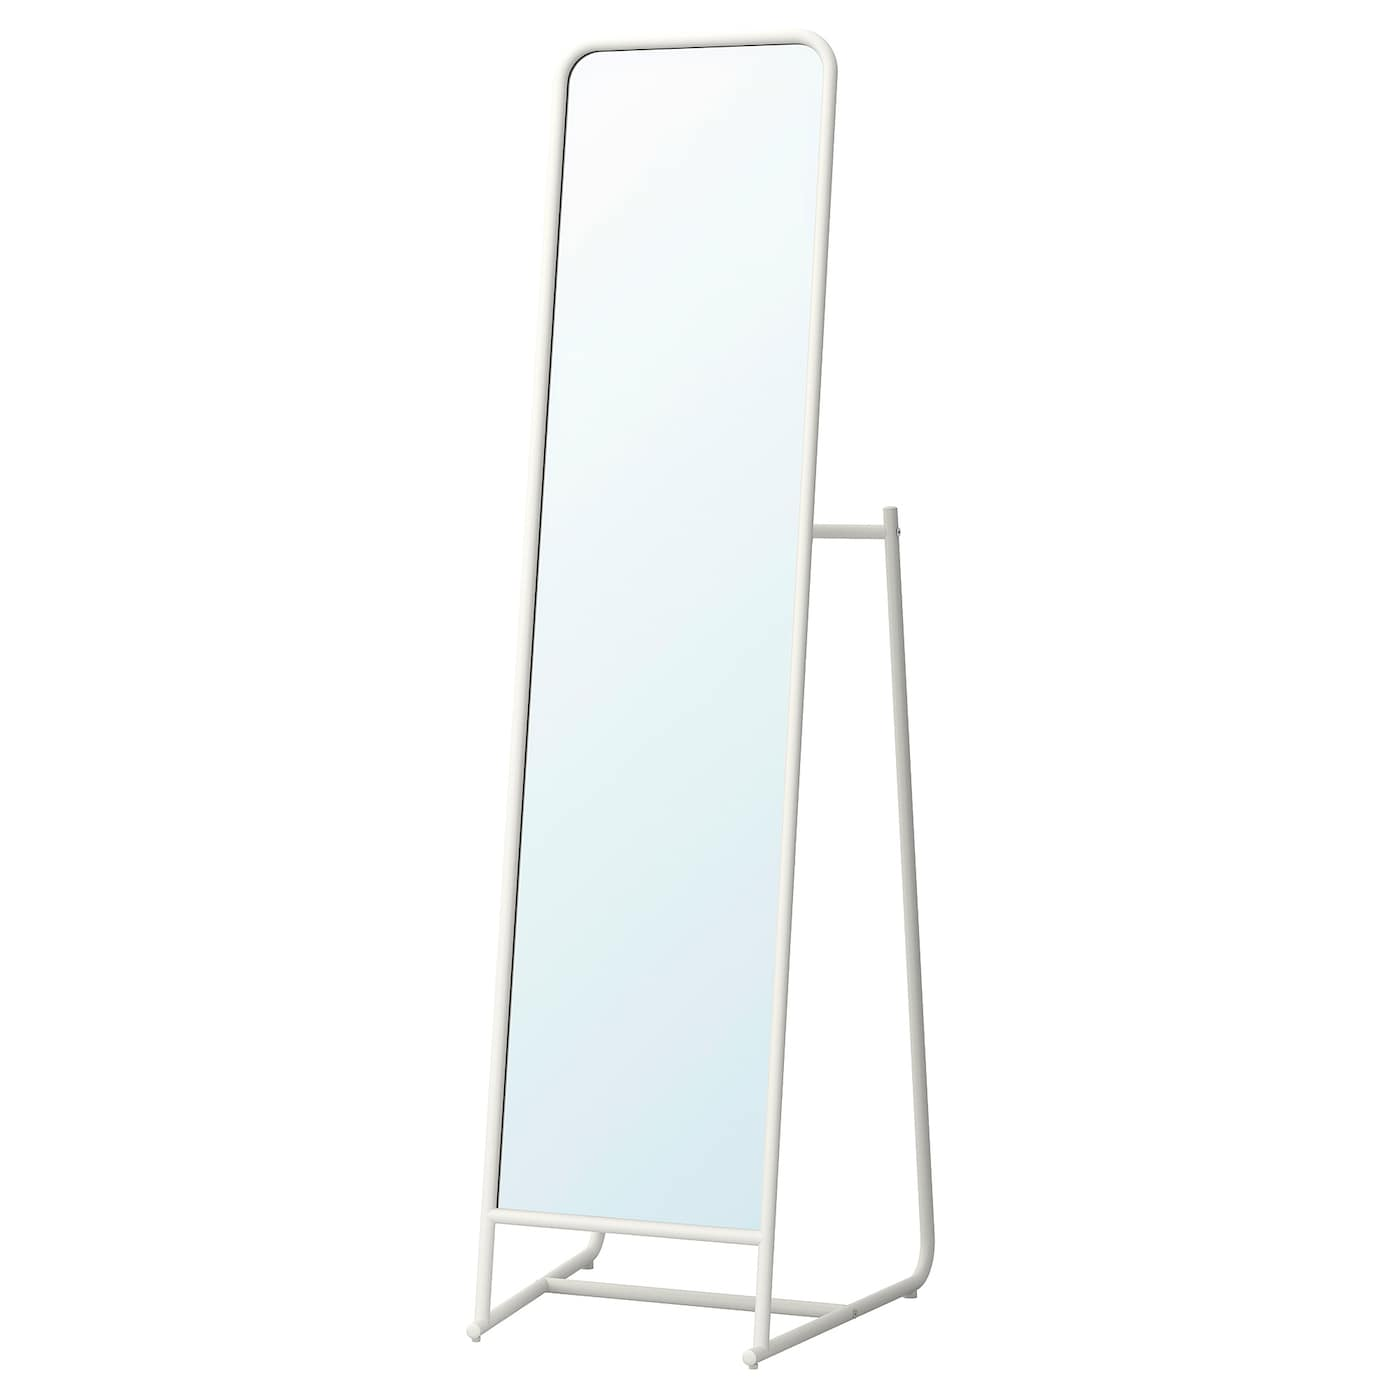 KNAPPER Standspiegel   weiß 12x12 cm